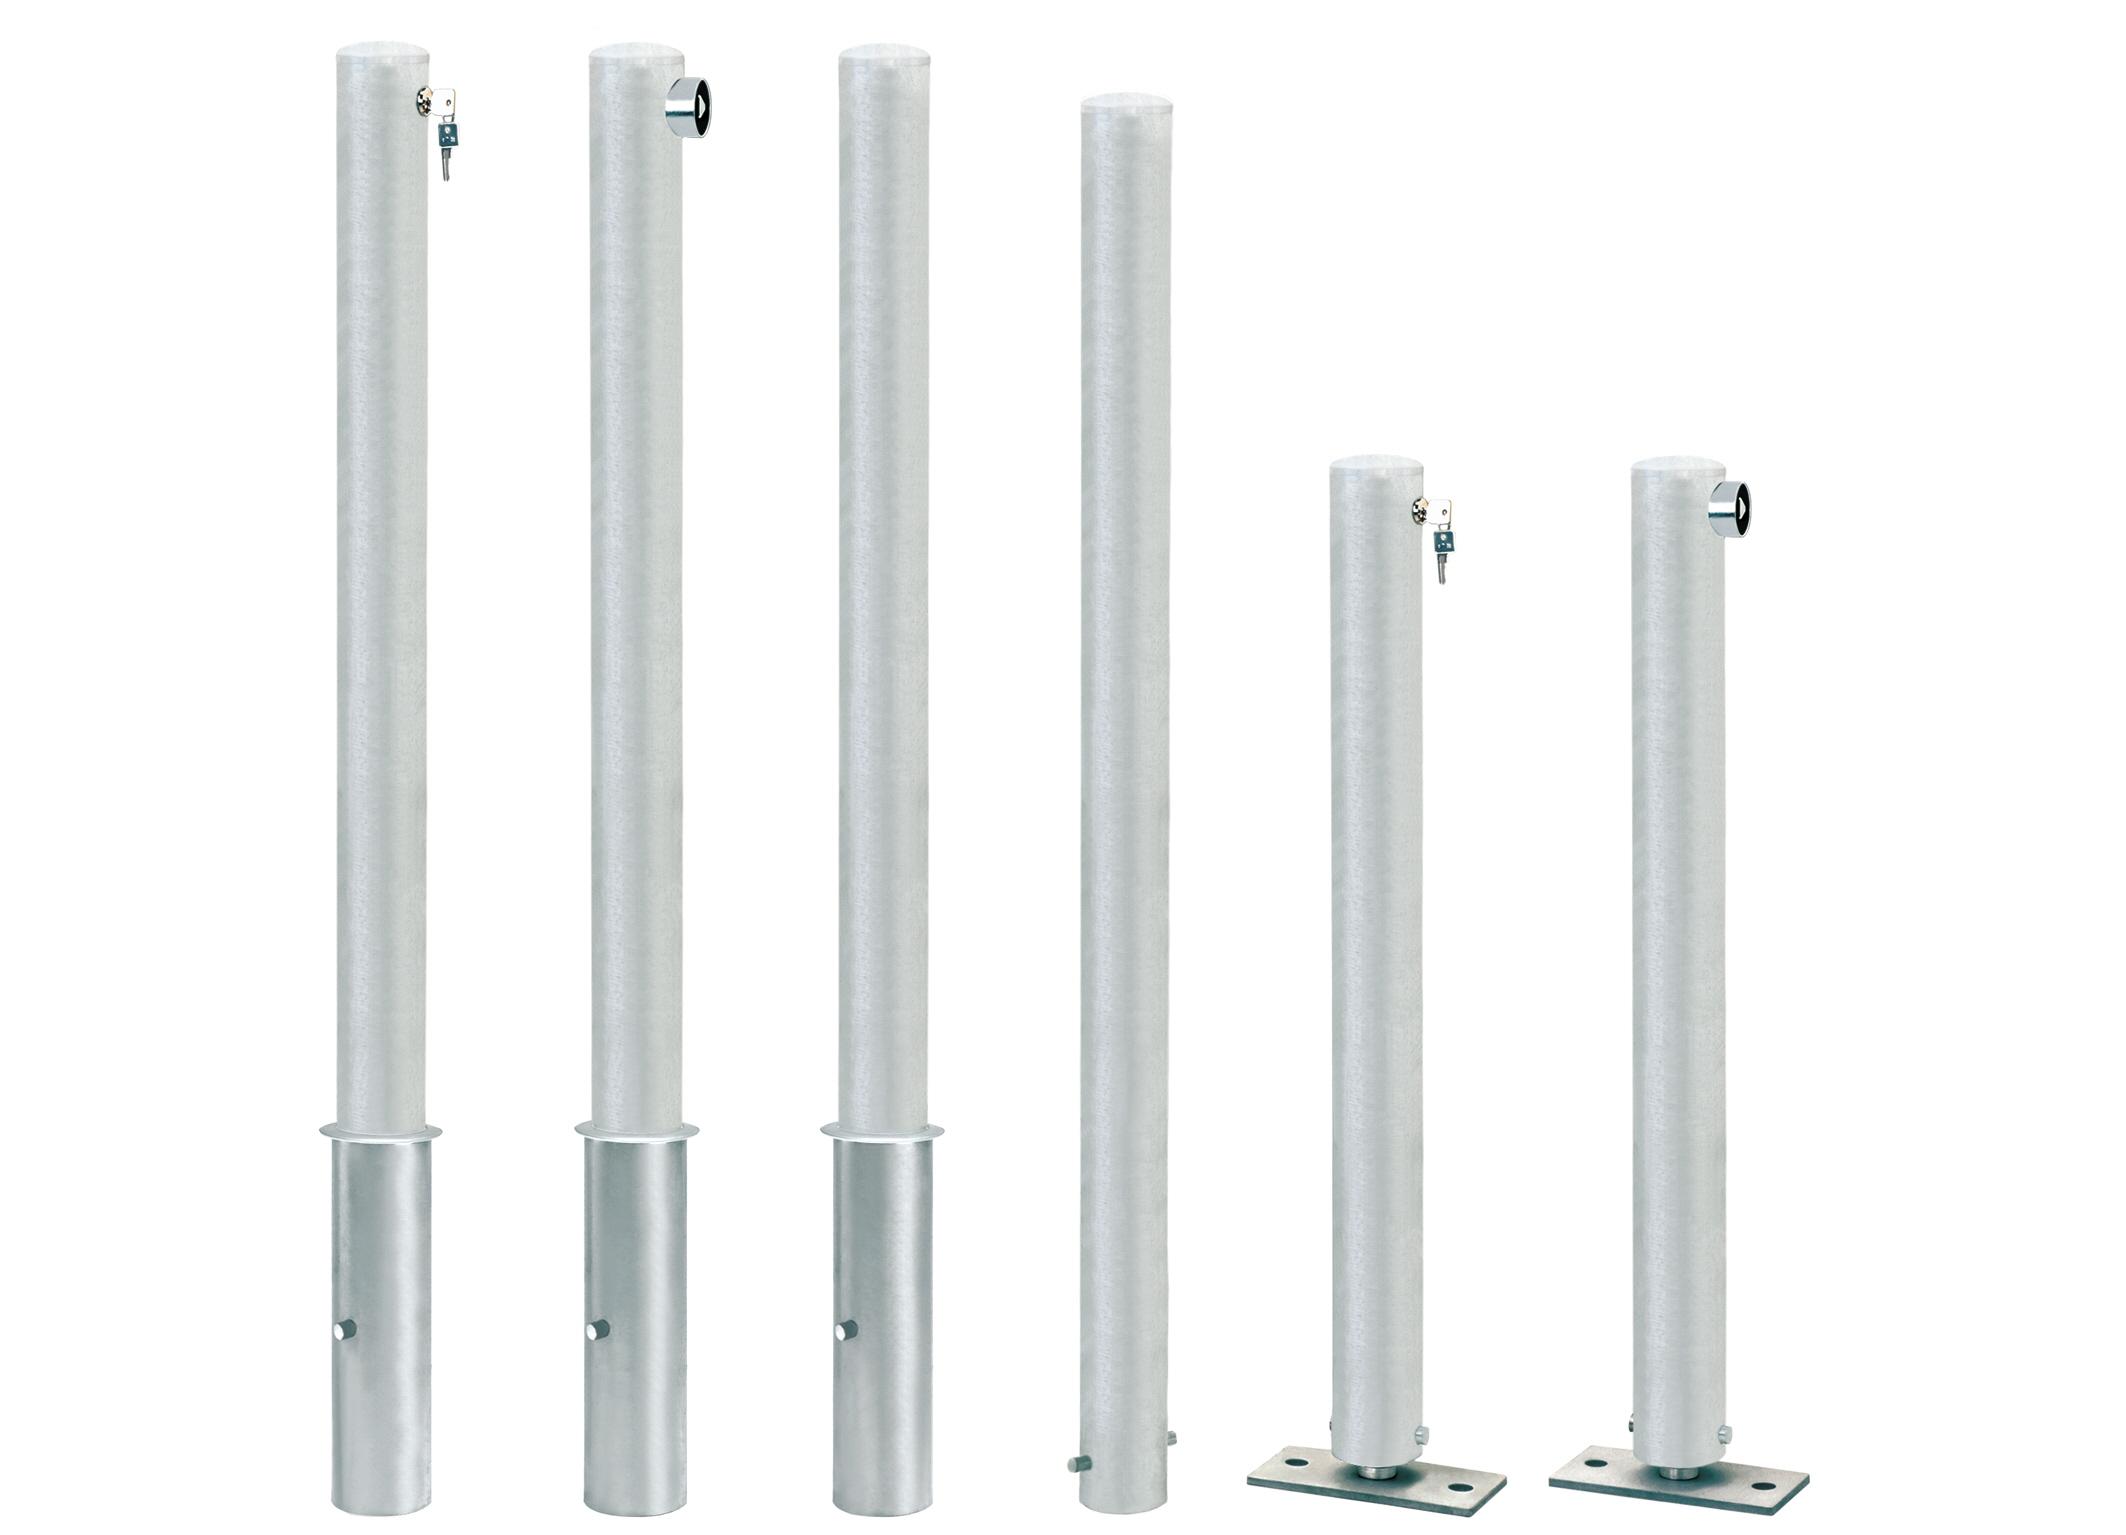 Cityring-Stahlpoller | Ø 76 mm x 900 mm | Umlegbar